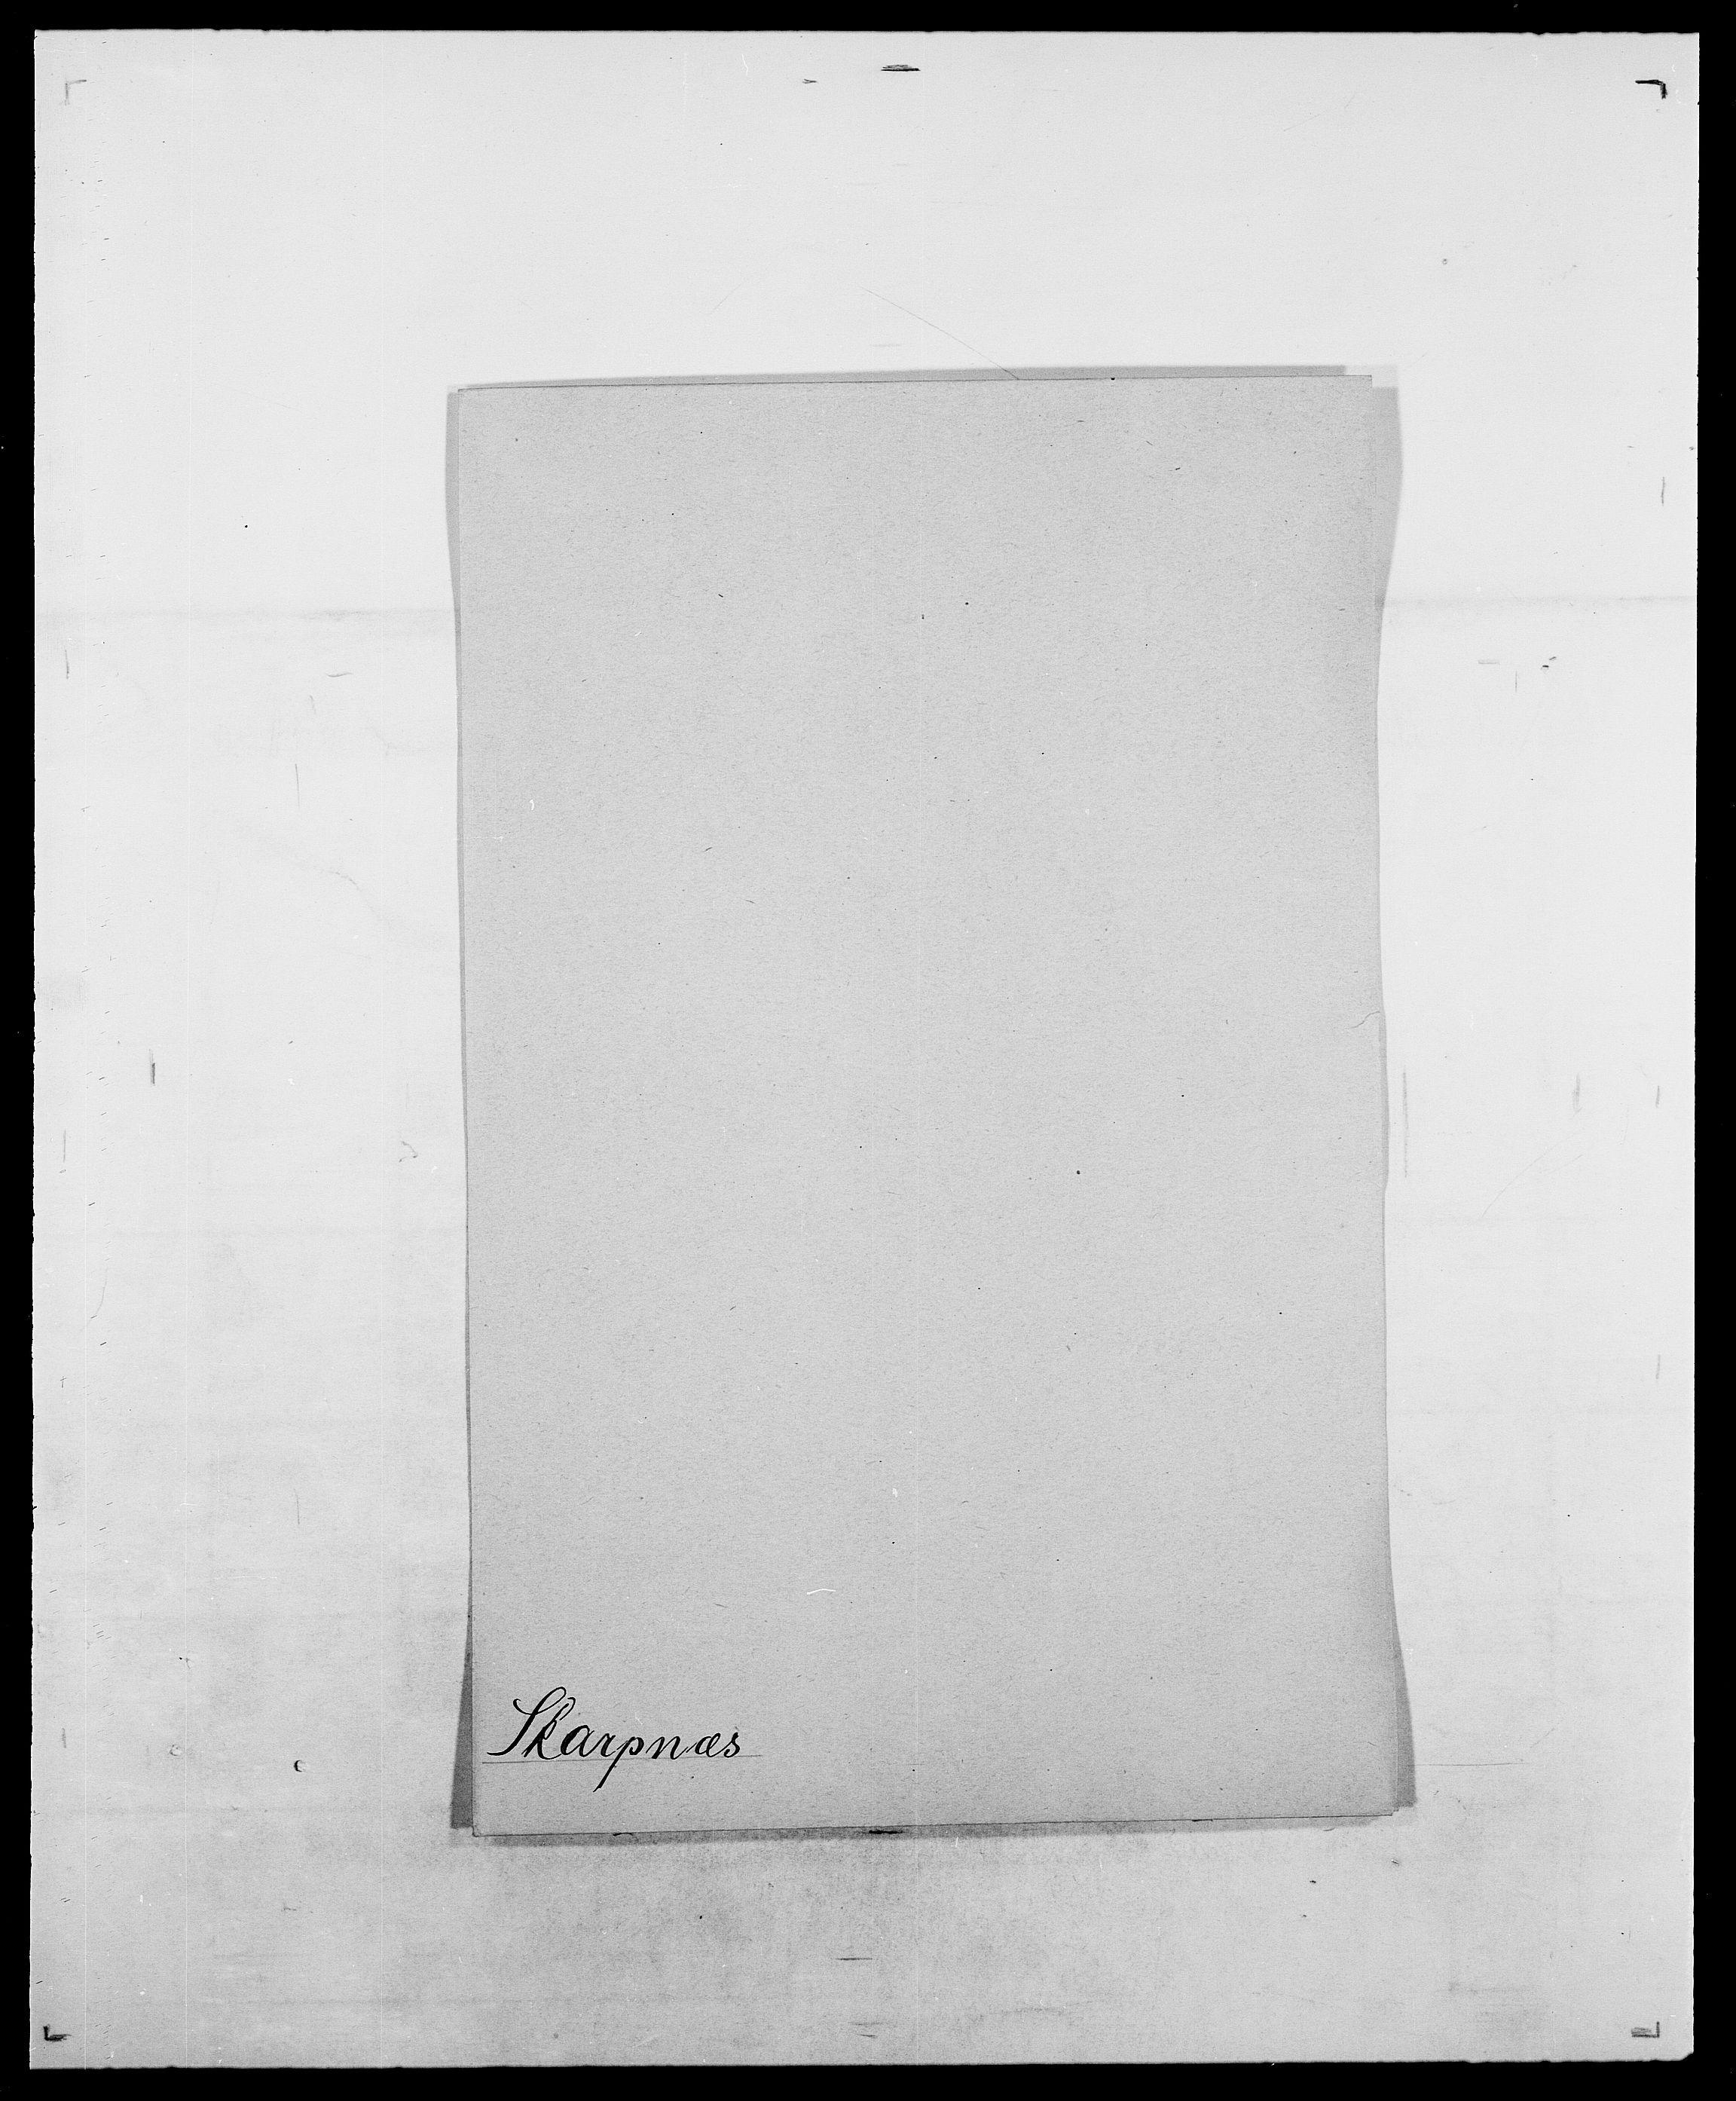 SAO, Delgobe, Charles Antoine - samling, D/Da/L0036: Skaanør - Staverskov, s. 32